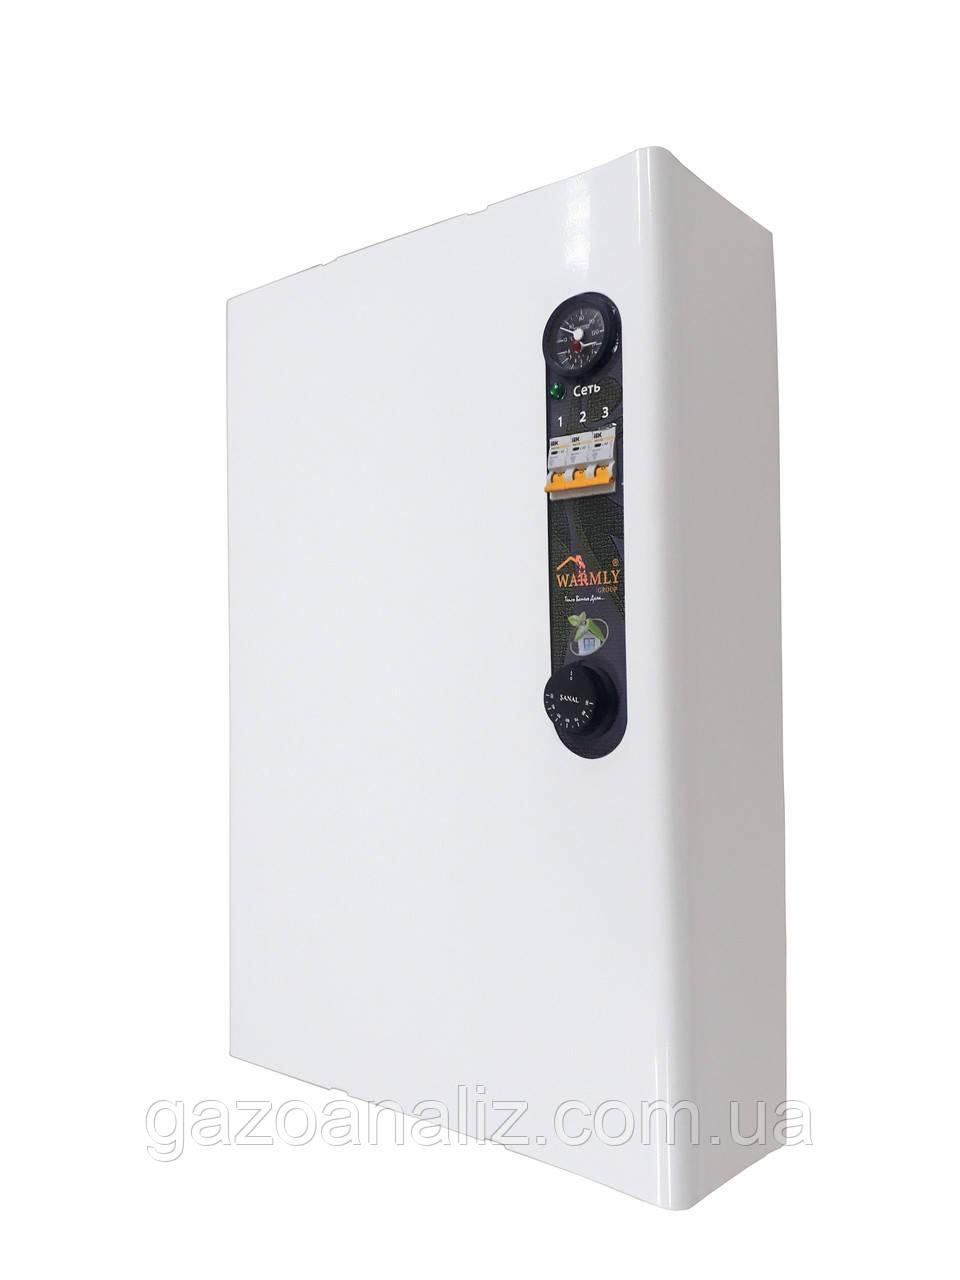 Електрокотел Warmly PRO 12 кВт 380в. Модульний контактор (т. х)